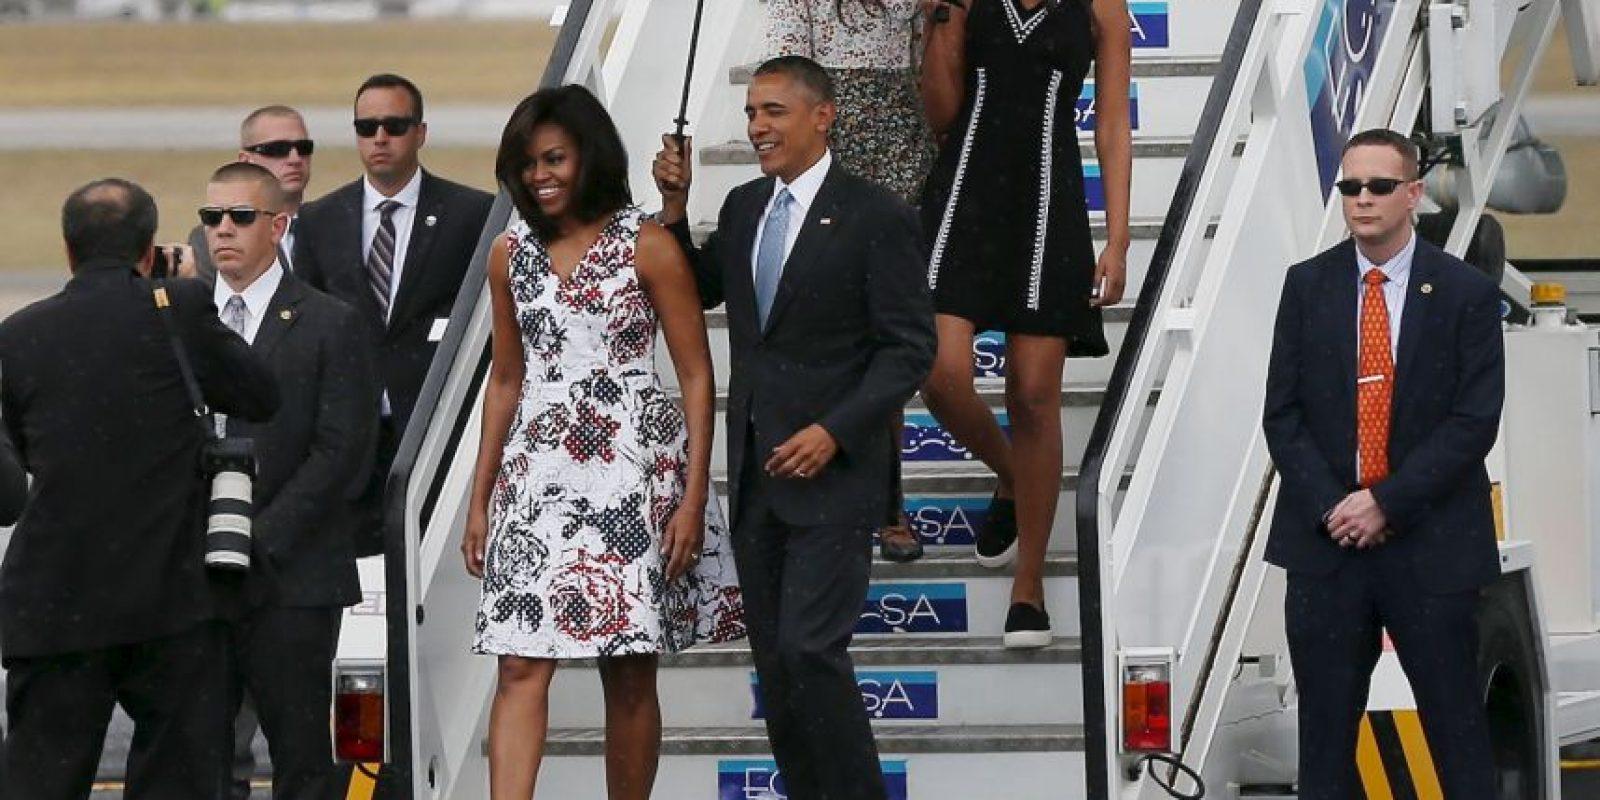 De acuerdo con el mandatario ellas decidieron acudir con su padre. Foto:Getty Images